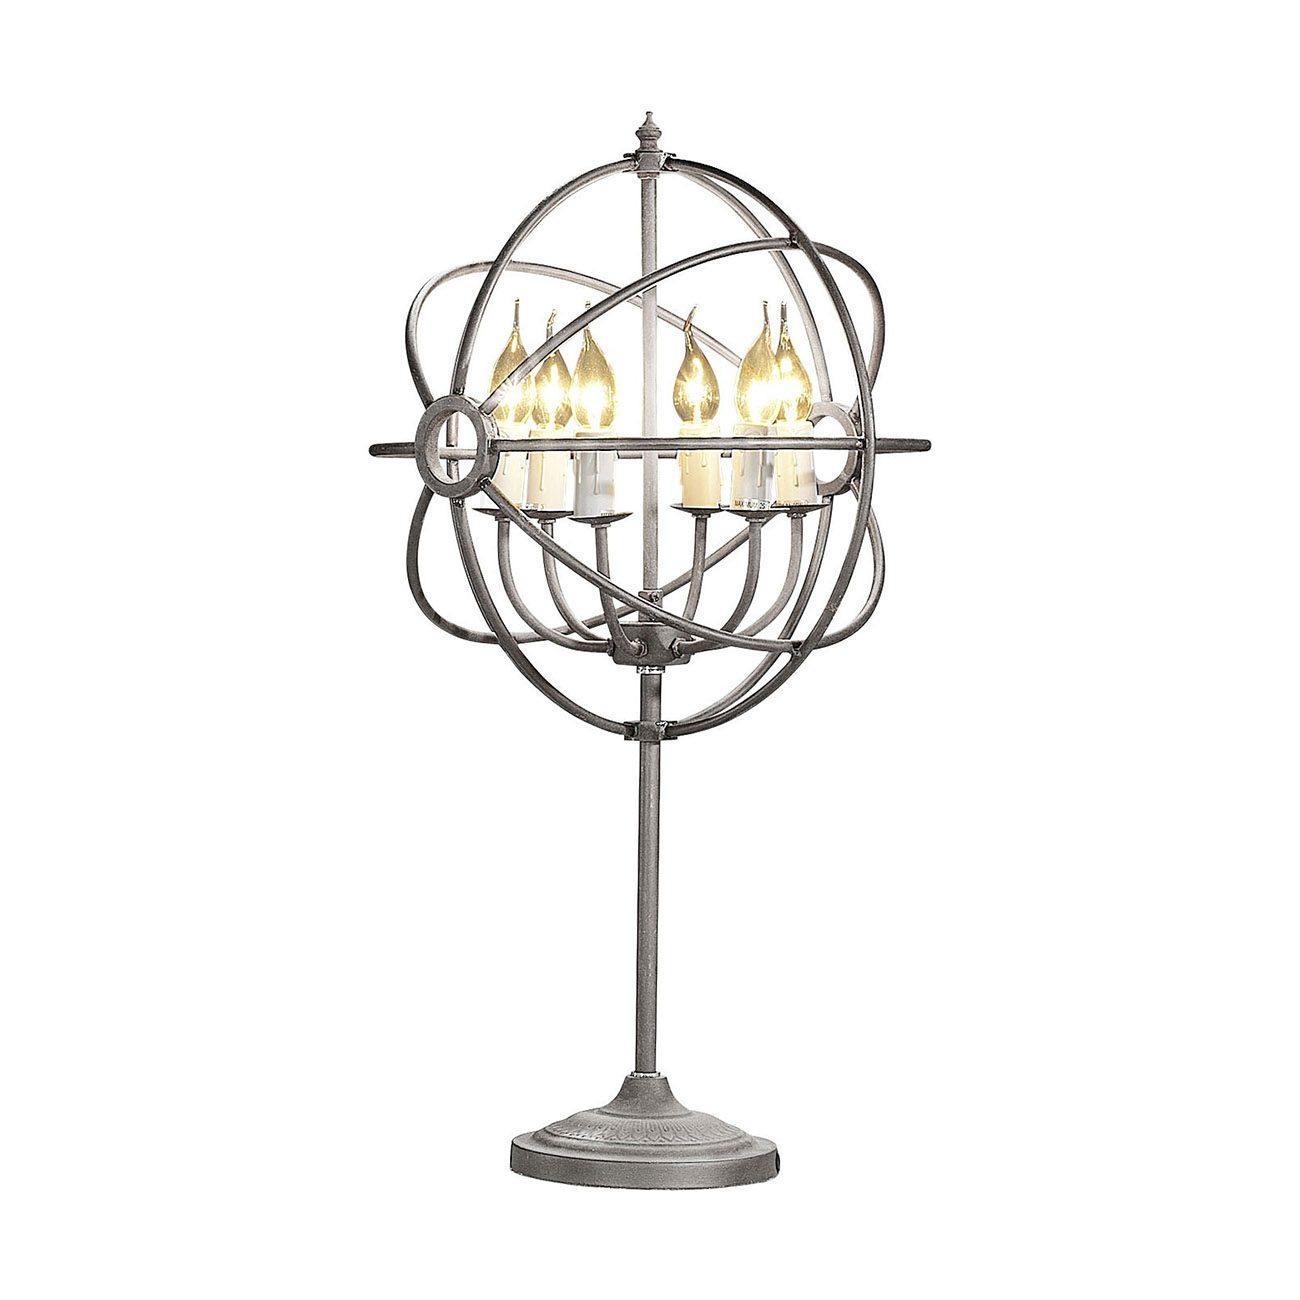 Gyro ljuskrona i silver metall ifrån Artwood.